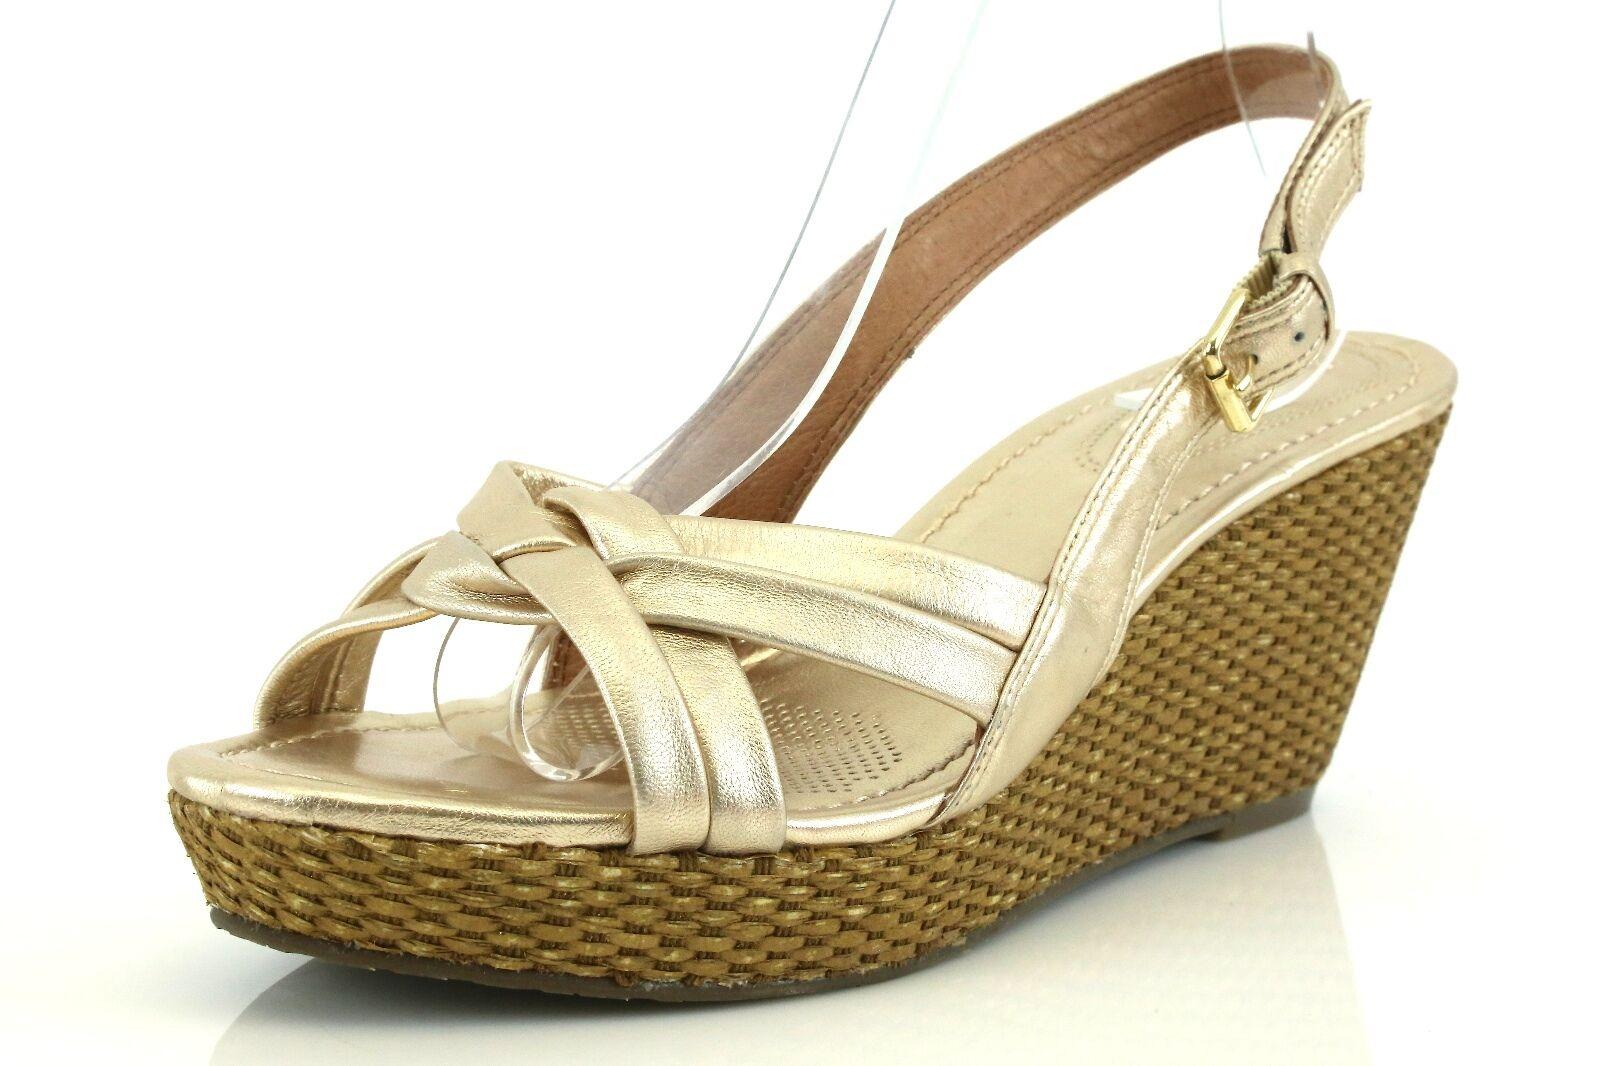 basta comprarlo Corso Como EUGENIA oro Leather Wedge Sandals Sandals Sandals 7099 Dimensione 11 M NEW   risparmia il 60% di sconto e la spedizione veloce in tutto il mondo